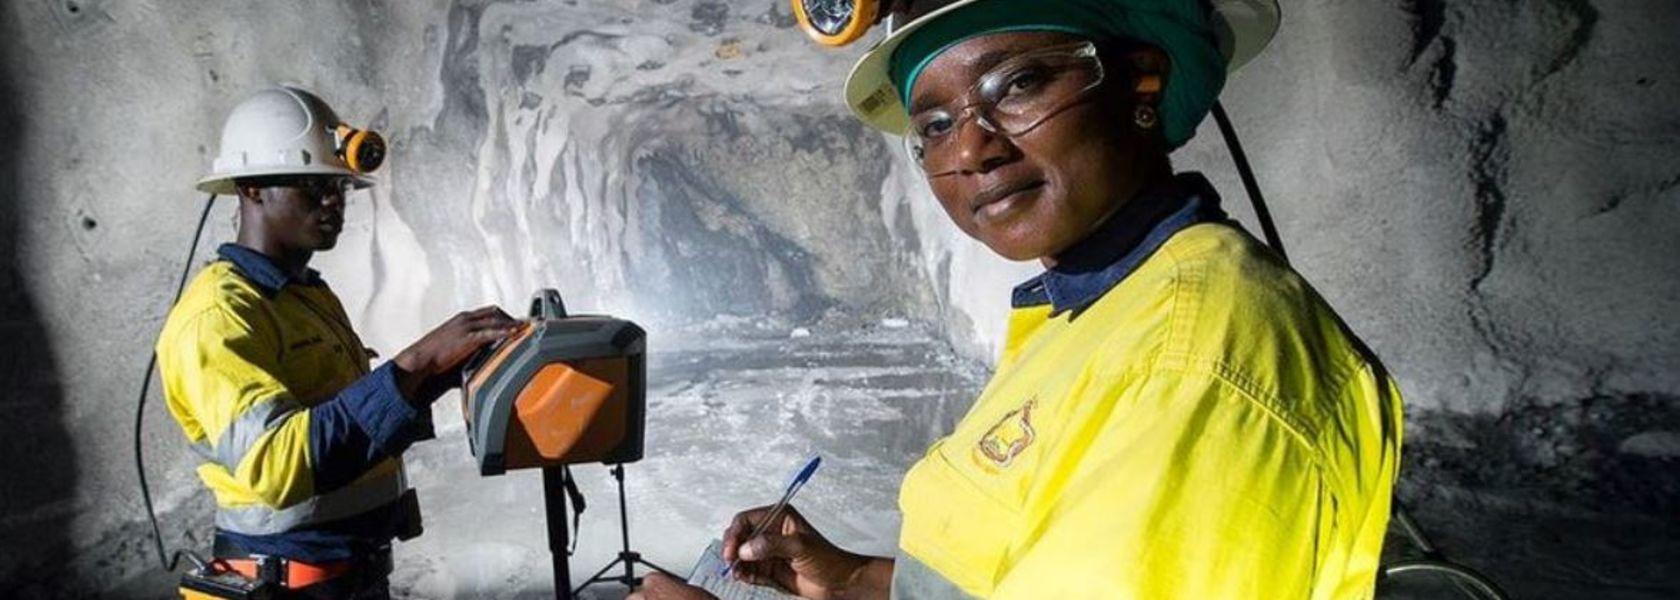 Caving underway at Resolute's Syama - Mining Journal